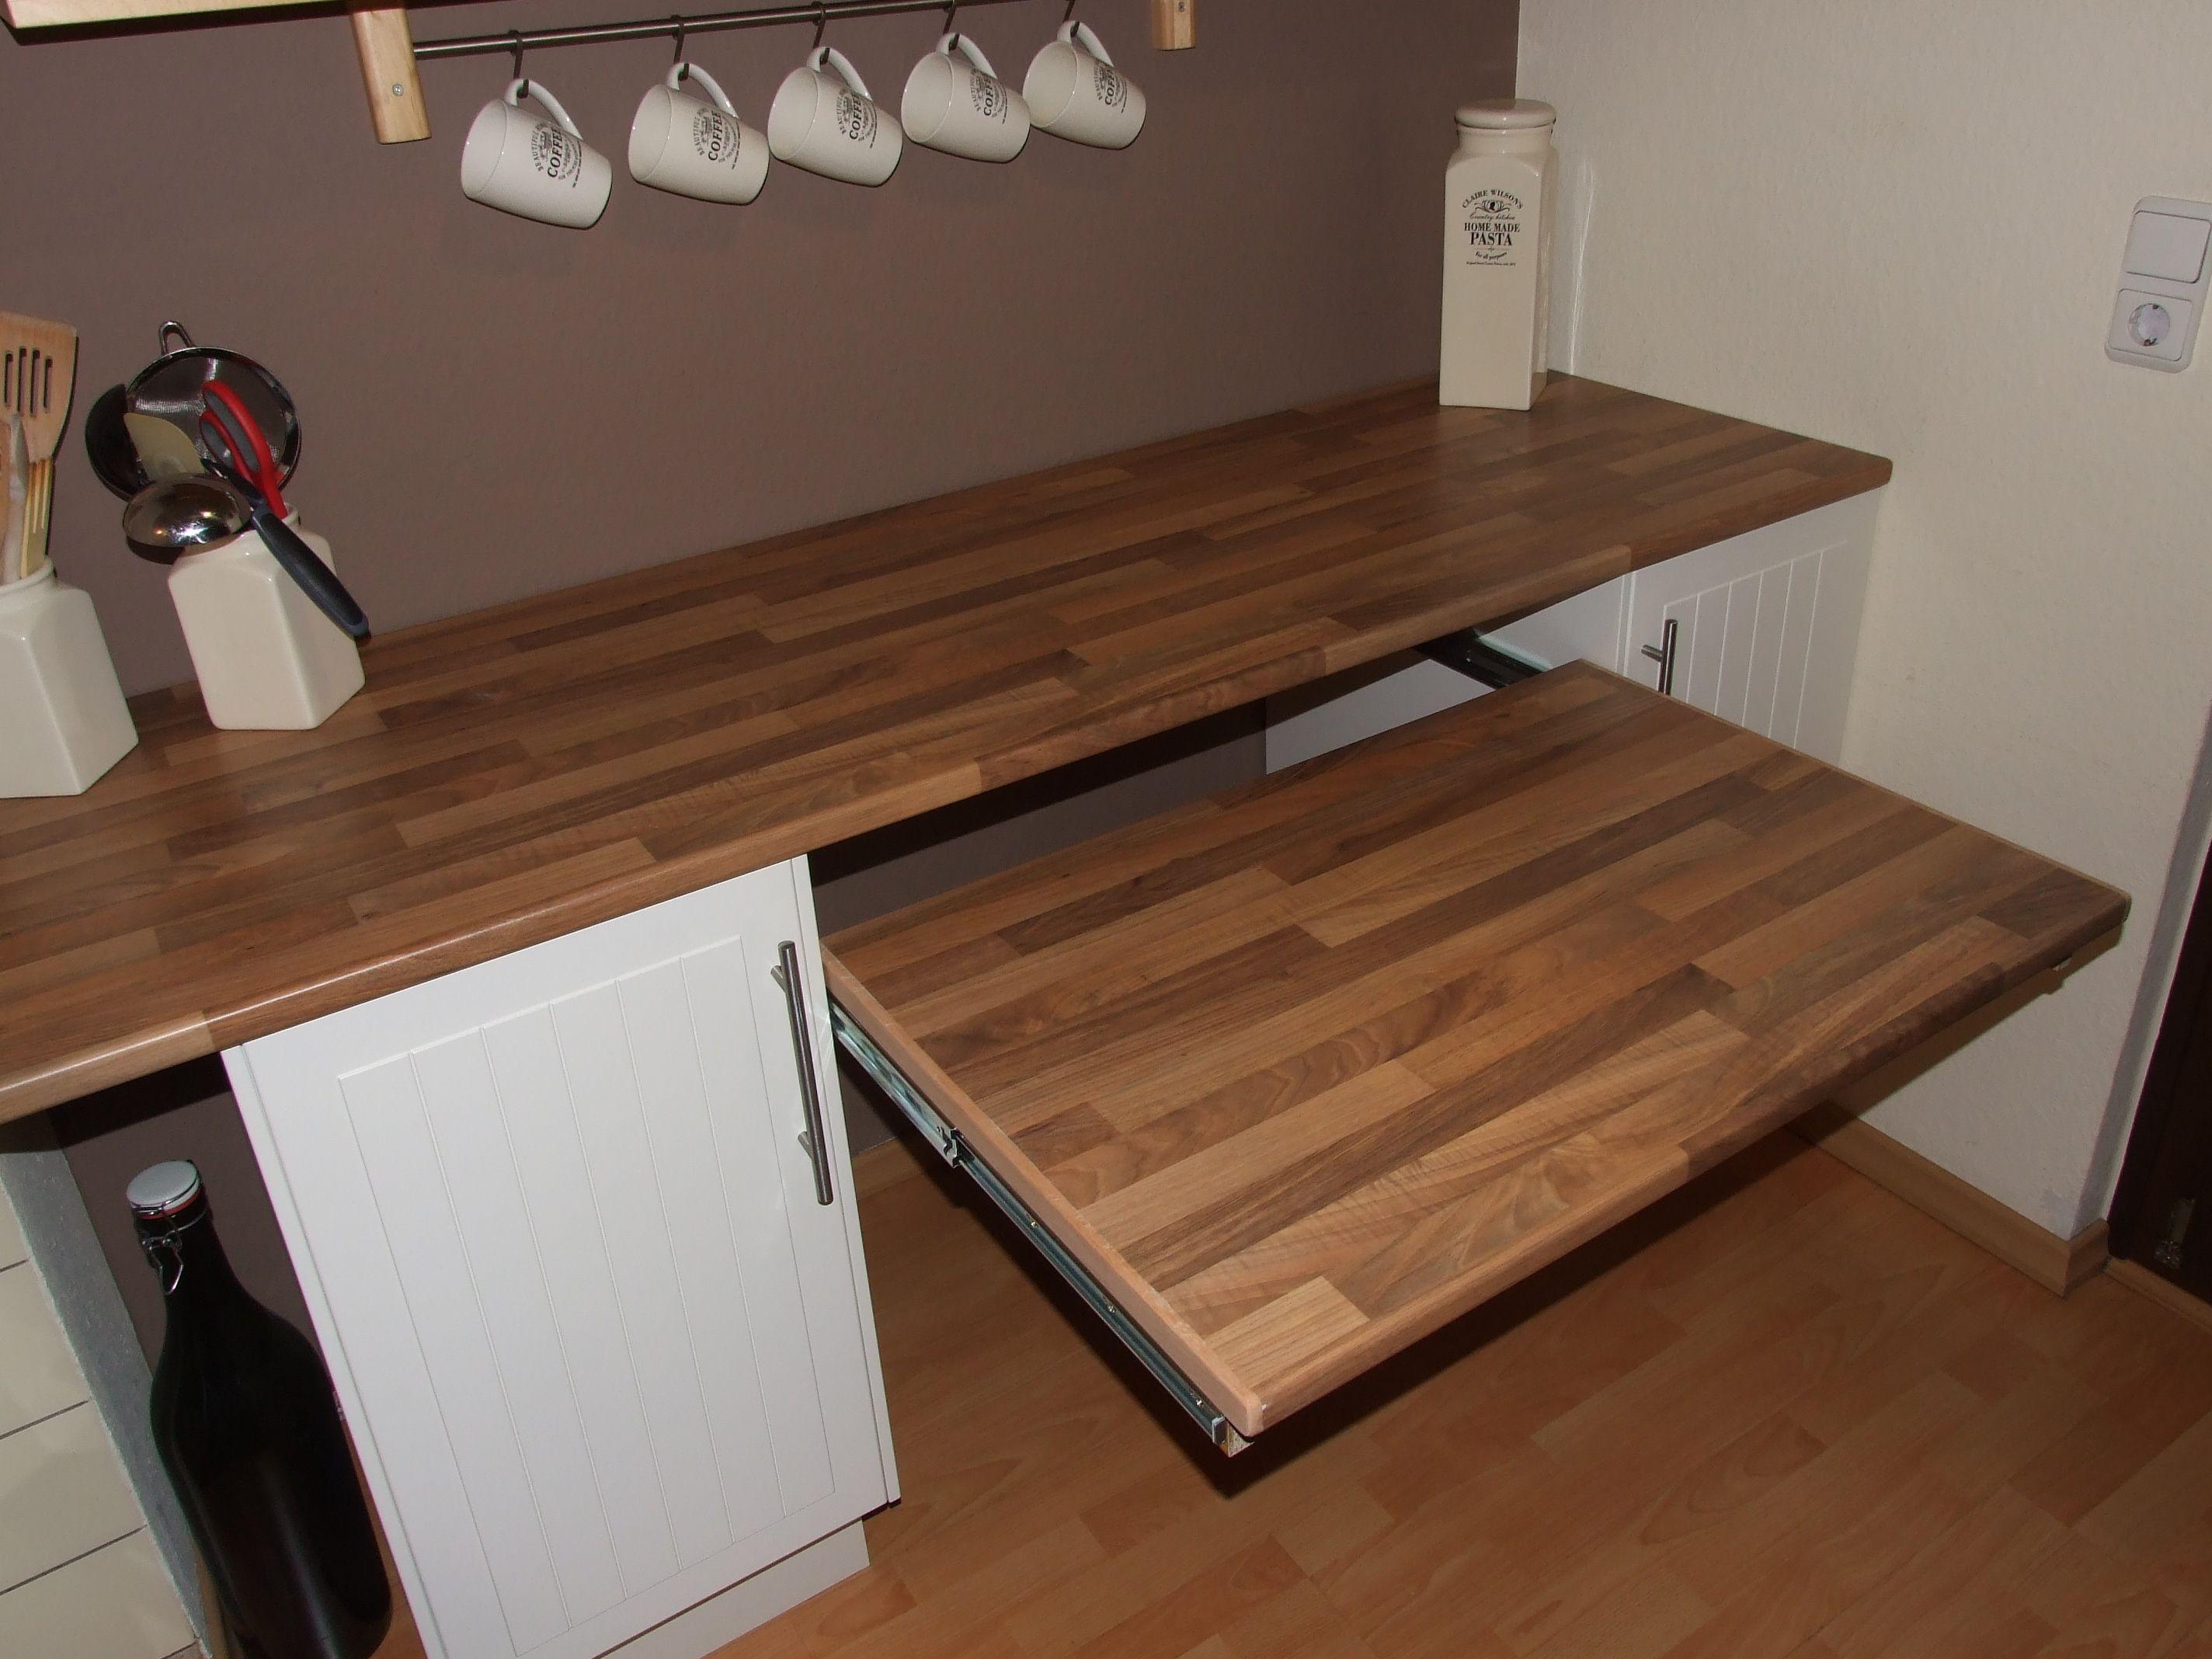 Ausziehbarer Tisch Unter Der Kuchenarbeitsplatte Bauanleitung Ausziehbarer Tisch Kuche Tisch Arbeitsplatte Kuche